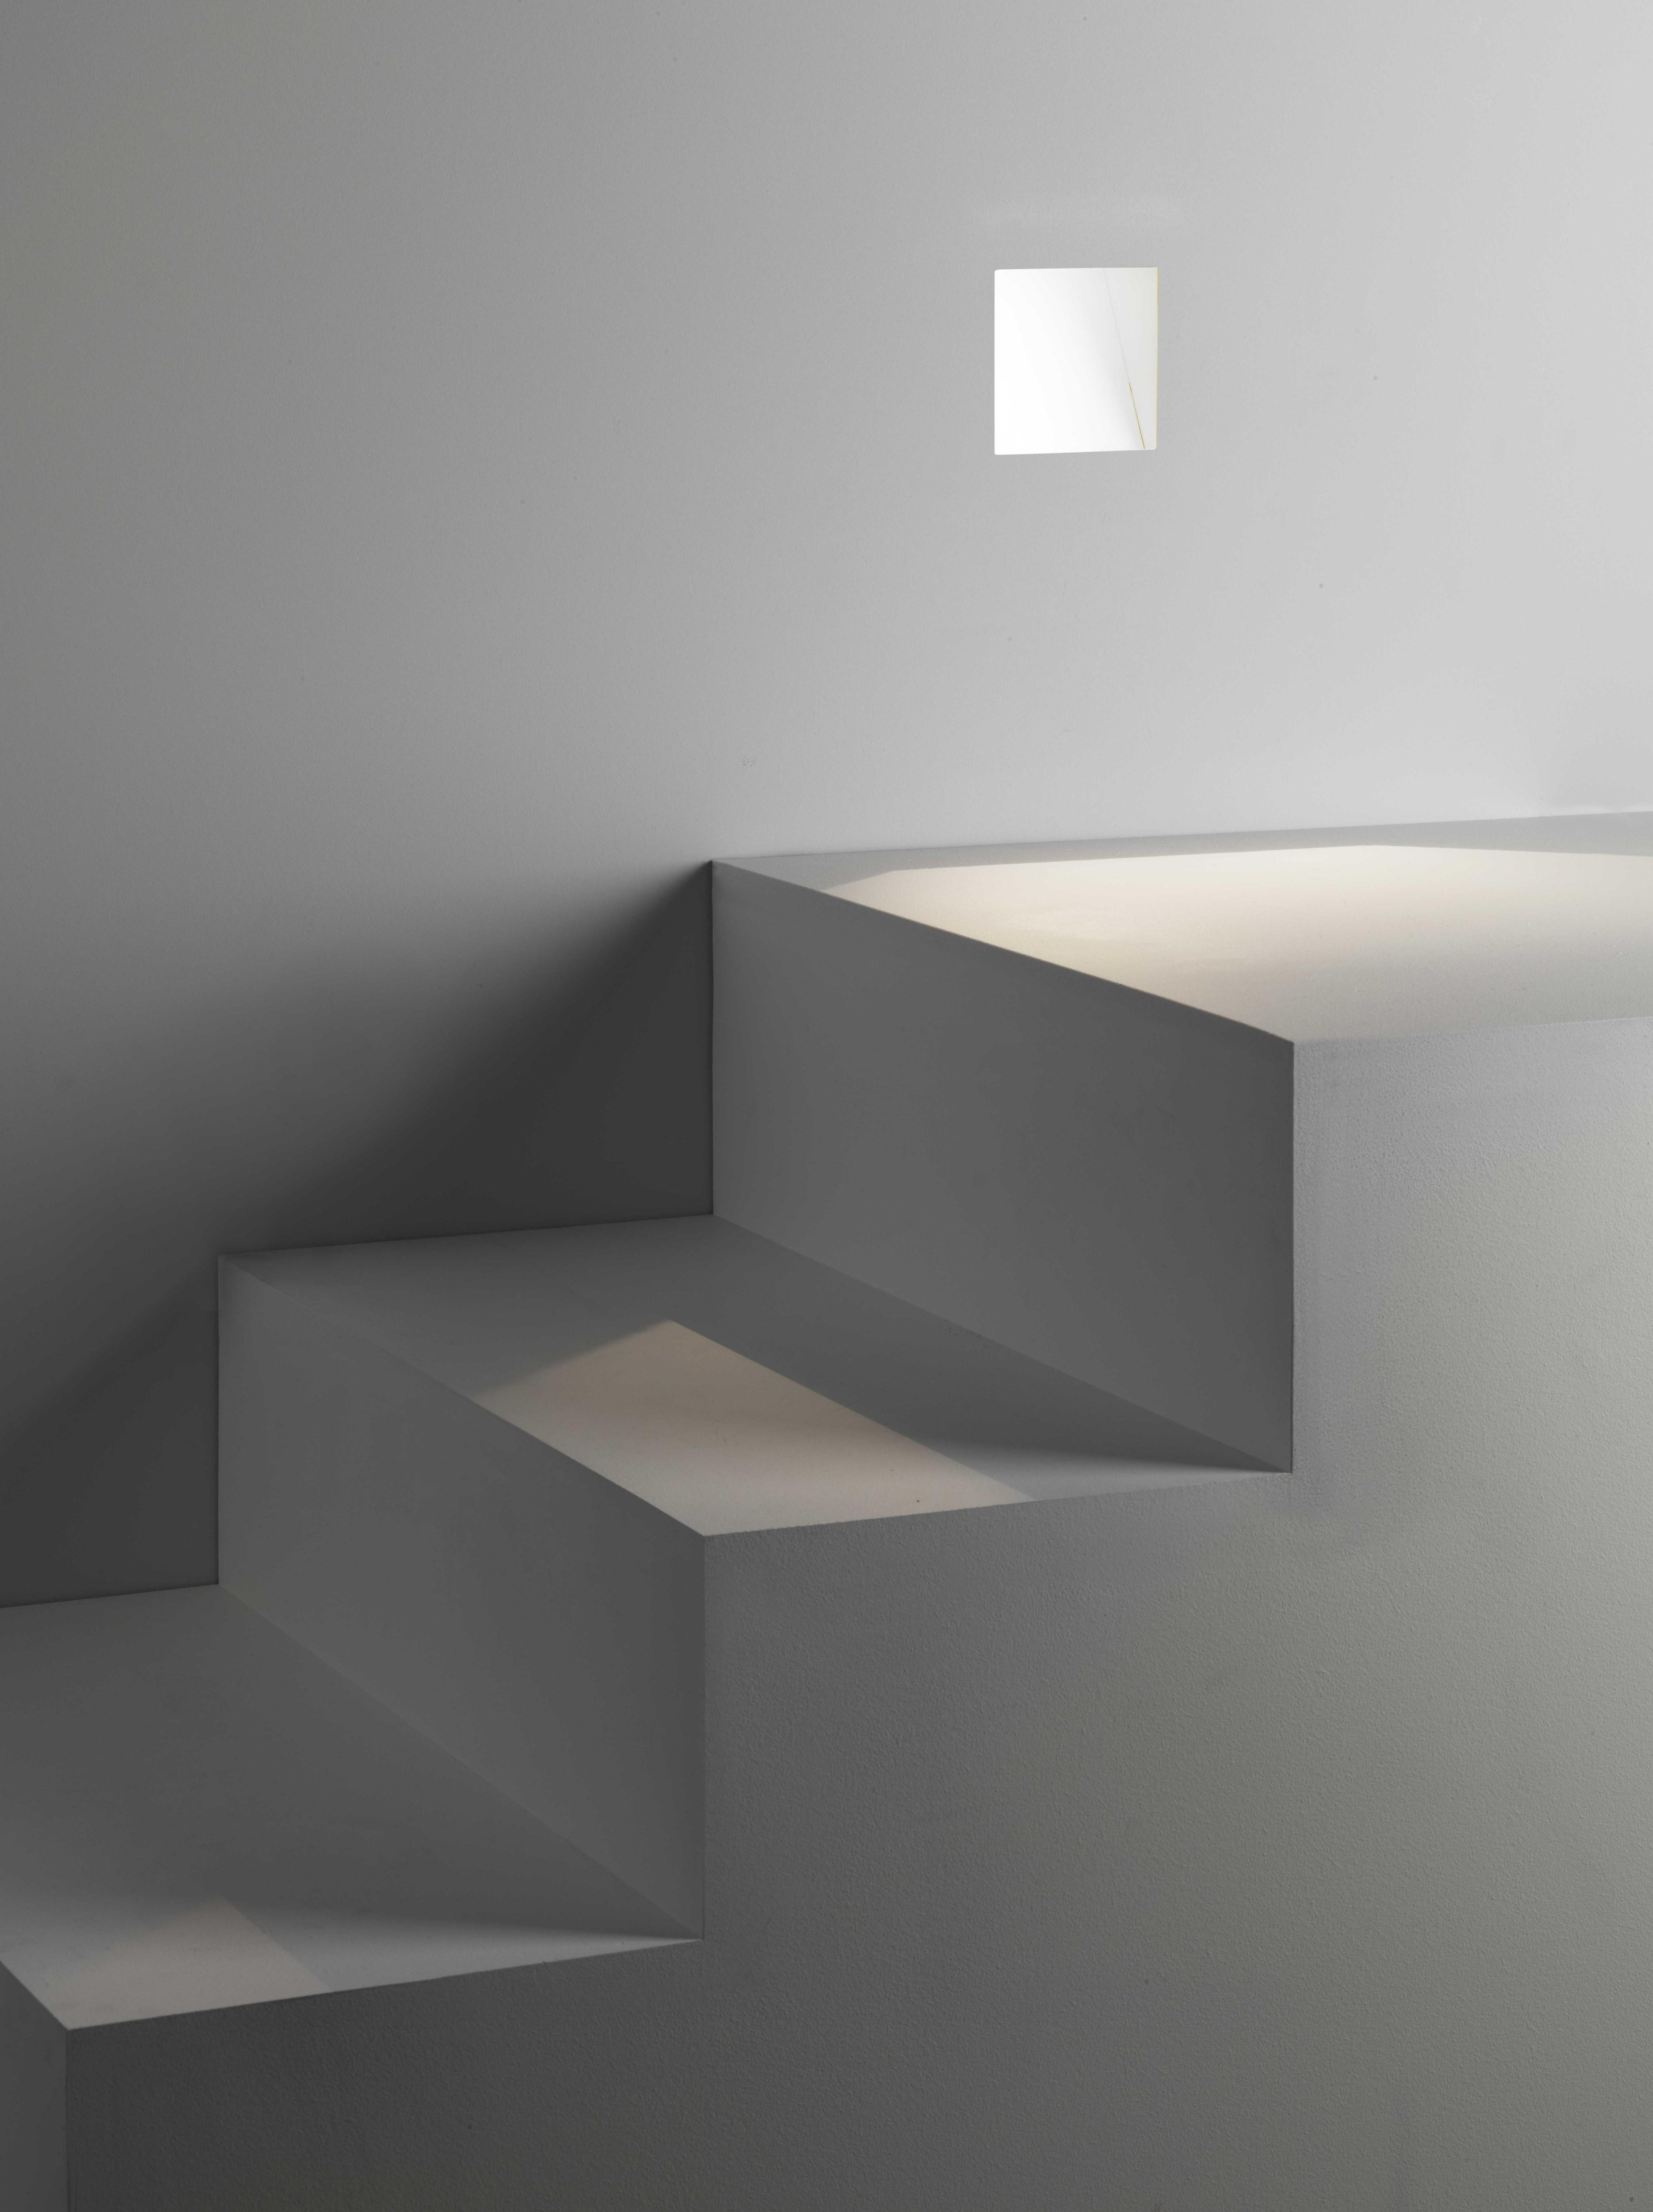 Встраиваемый настенный светодиодный светильник Astro Borgo Trimless 1212041 (7841), 3000K (теплый), белый, металл - фото 2